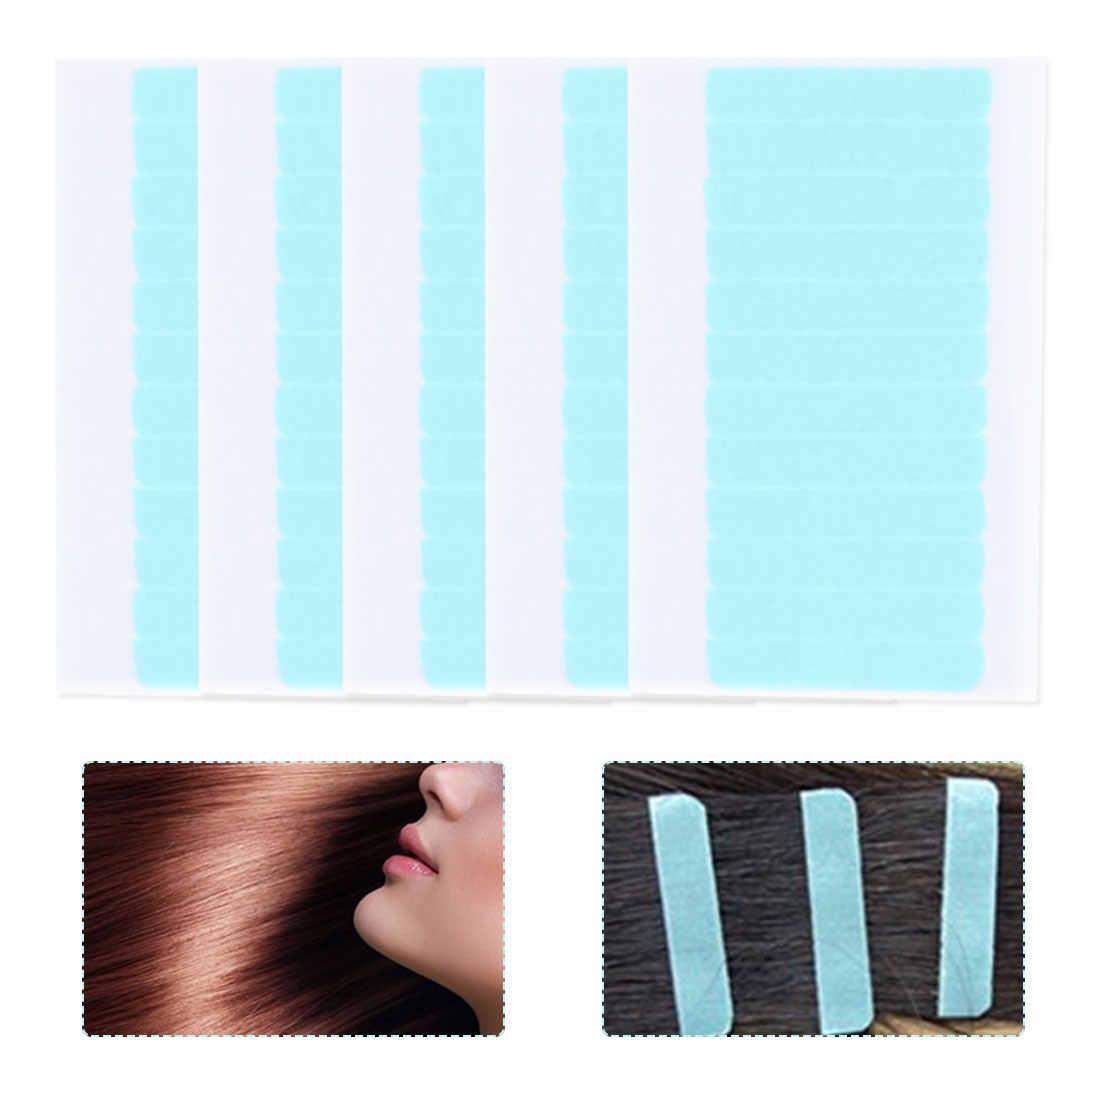 Двухсторонний заменитель водостойкий парик шнурка невидимый бесшовный парик пленка средство для наращивания волос 5 листов 60 шт.